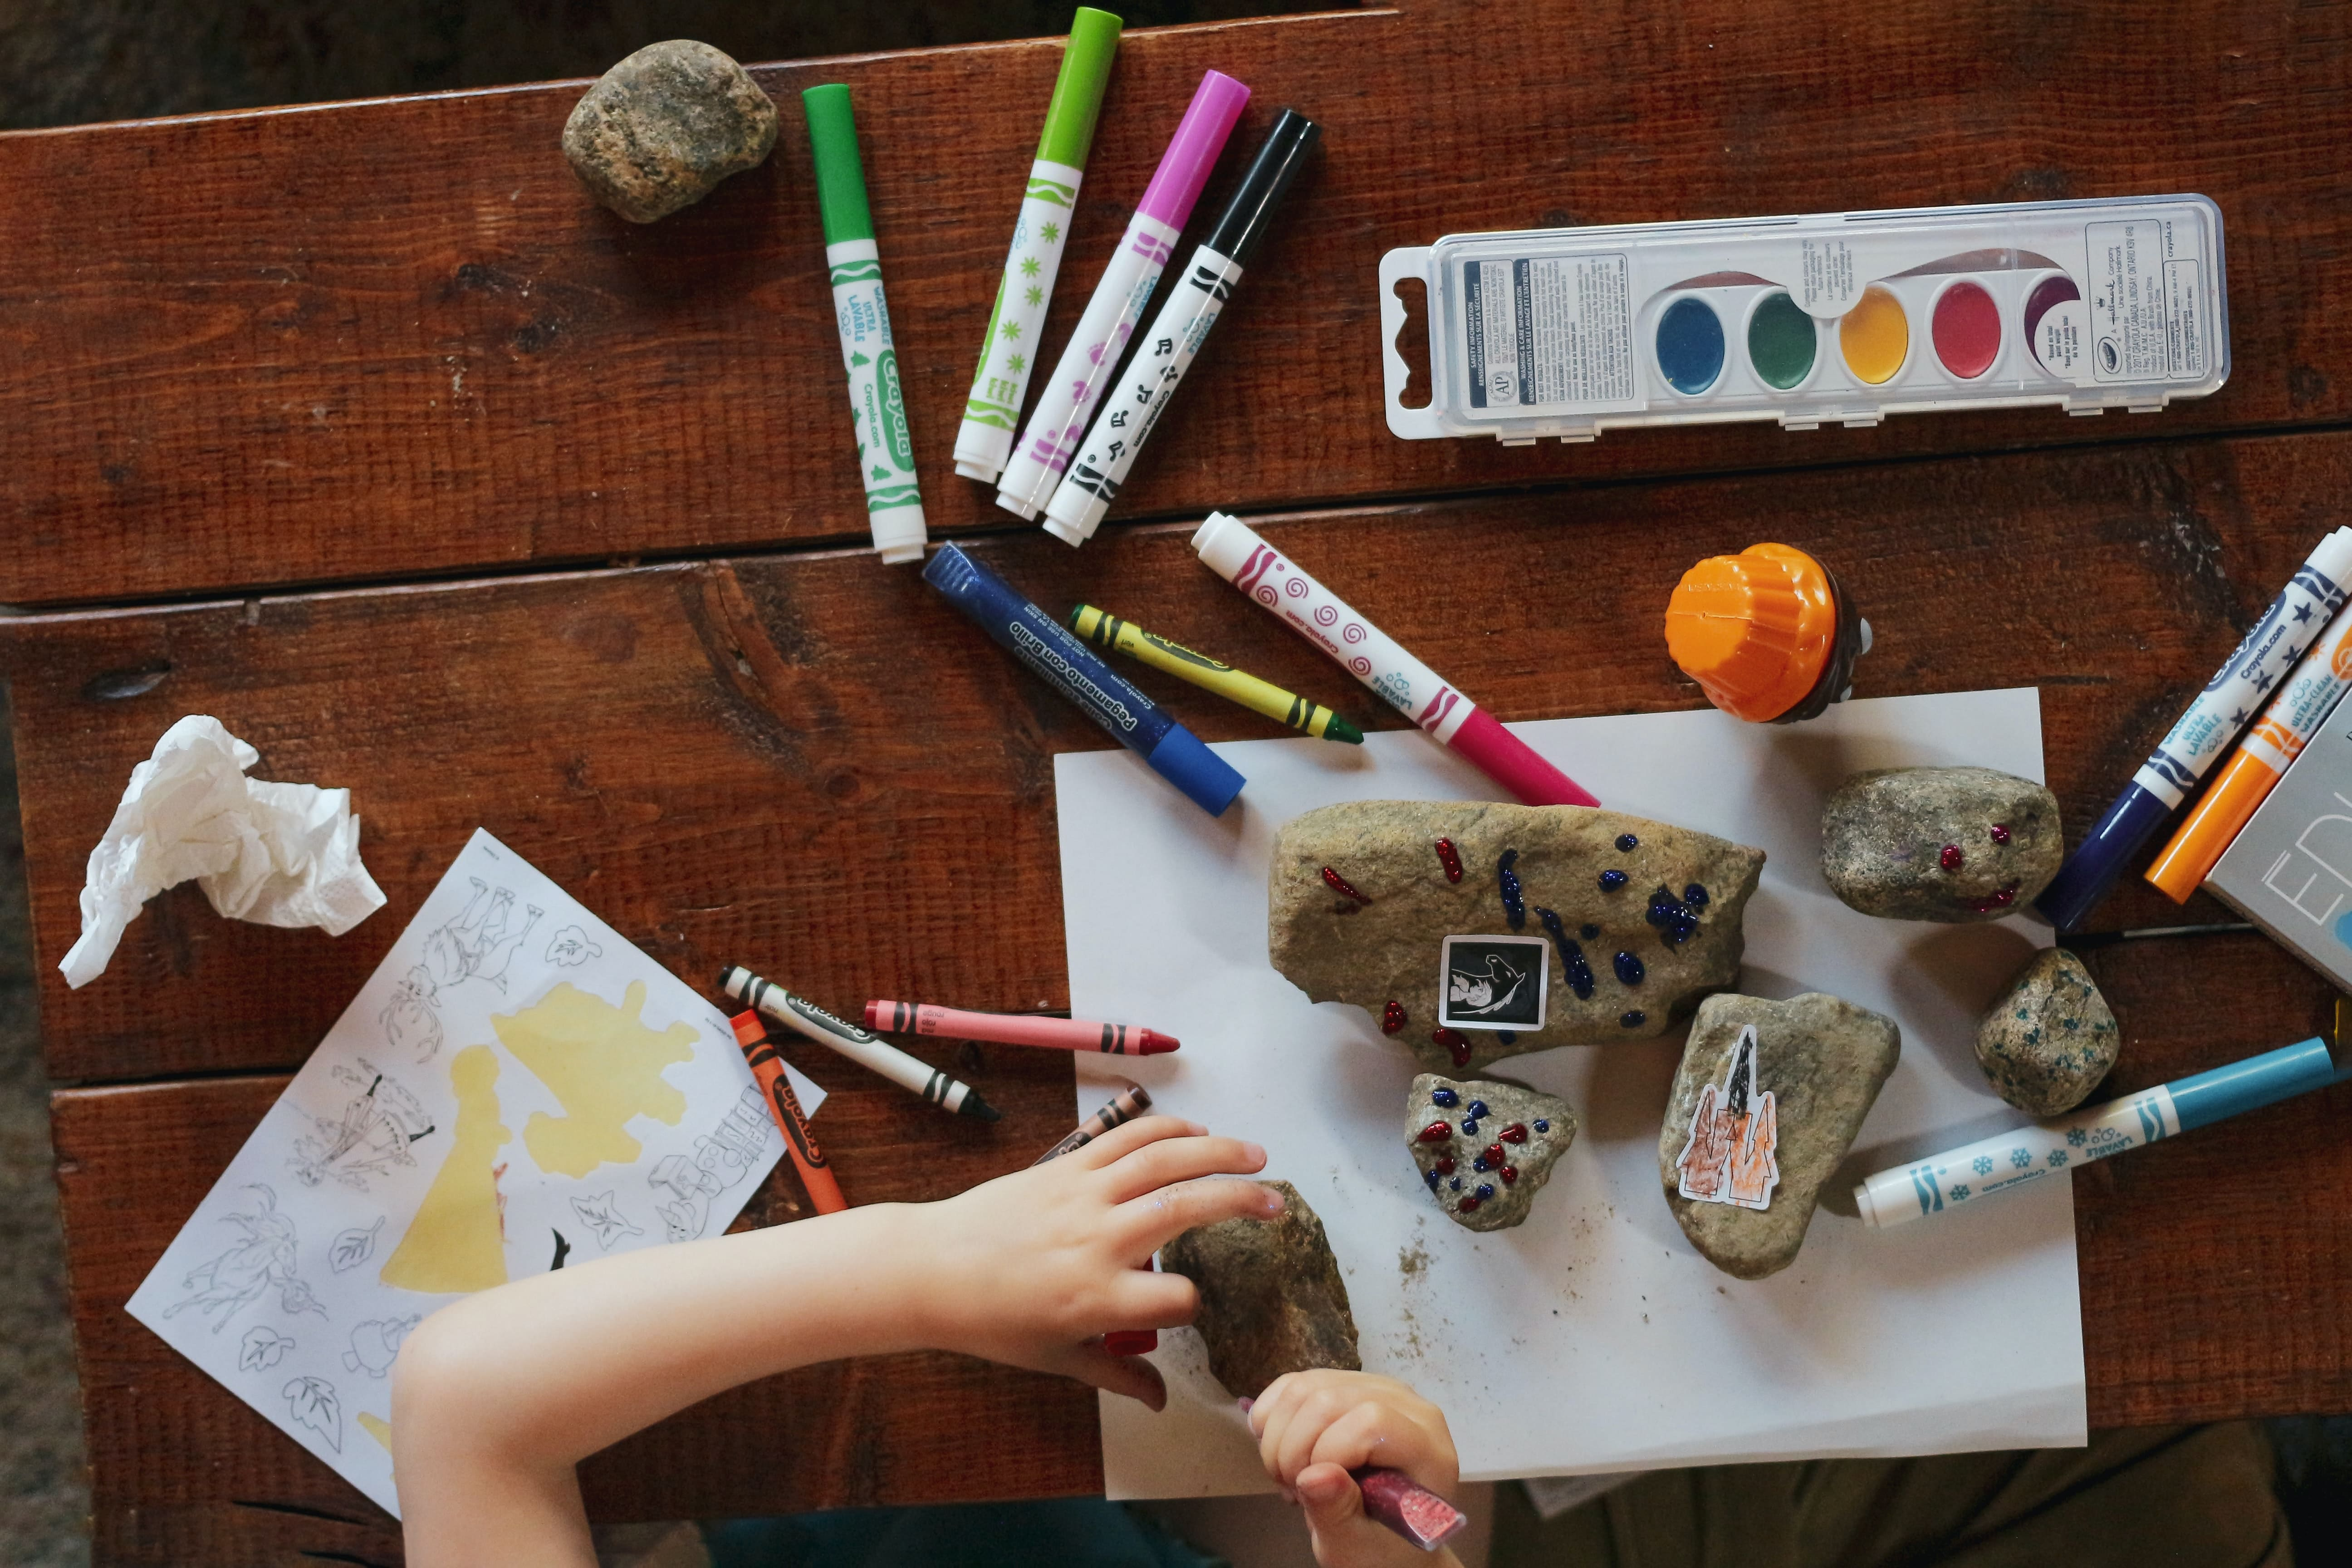 (IT) Cosa fare in casa con i bambini: giochi, attività e lavoretti